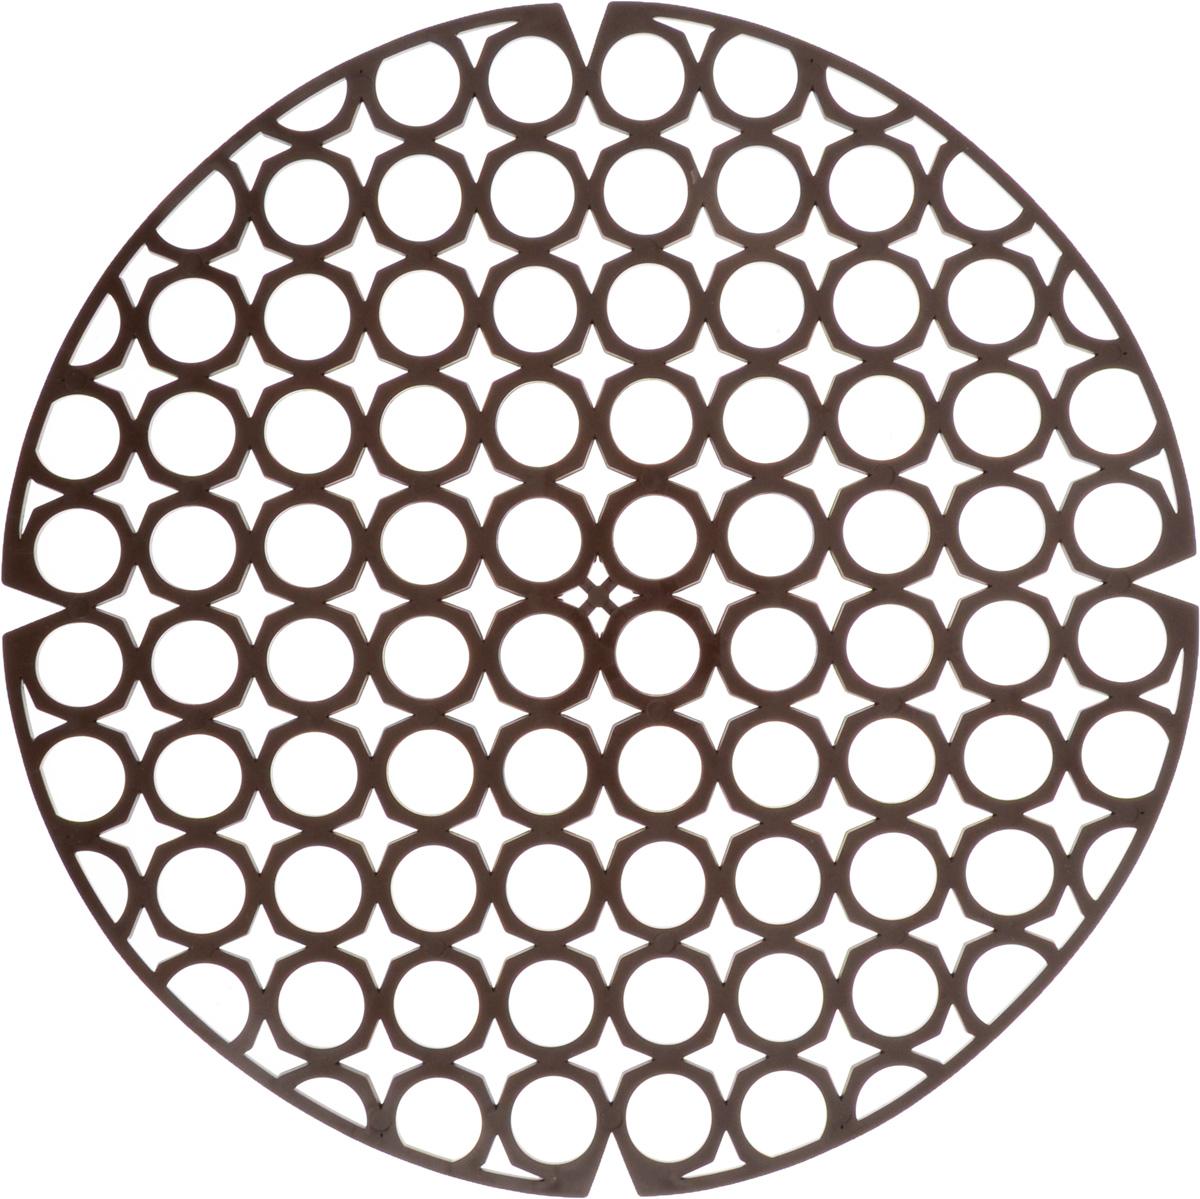 Коврик для раковины York, цвет: коричневый, диаметр 27,5 см9560/095600_коричневыйСтильный и удобный коврик для раковины York изготовлен из сложных полимеров. Он одновременно выполняет несколько функций: украшает, защищает мойку от царапин и сколов, смягчает удары при падении посуды в мойку. Коврик также можно использовать для сушки посуды, фруктов и овощей. Он легко очищается от грязи и жира. Диаметр: 27,5 см.